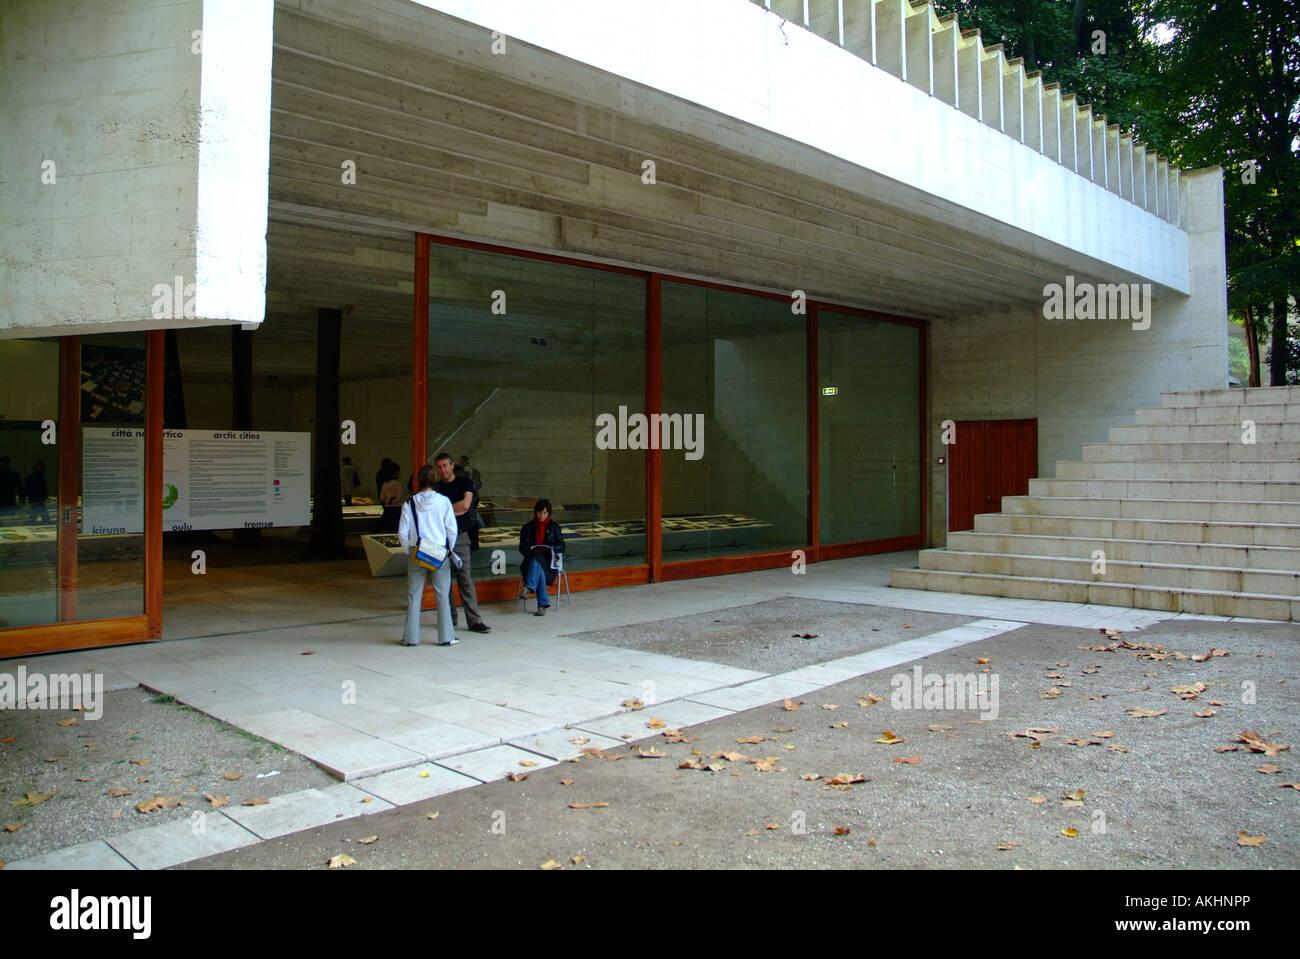 Nordic Country pavilion, Biennale di Architettura exibition, Venice, Veneto, Italy Stock Photo